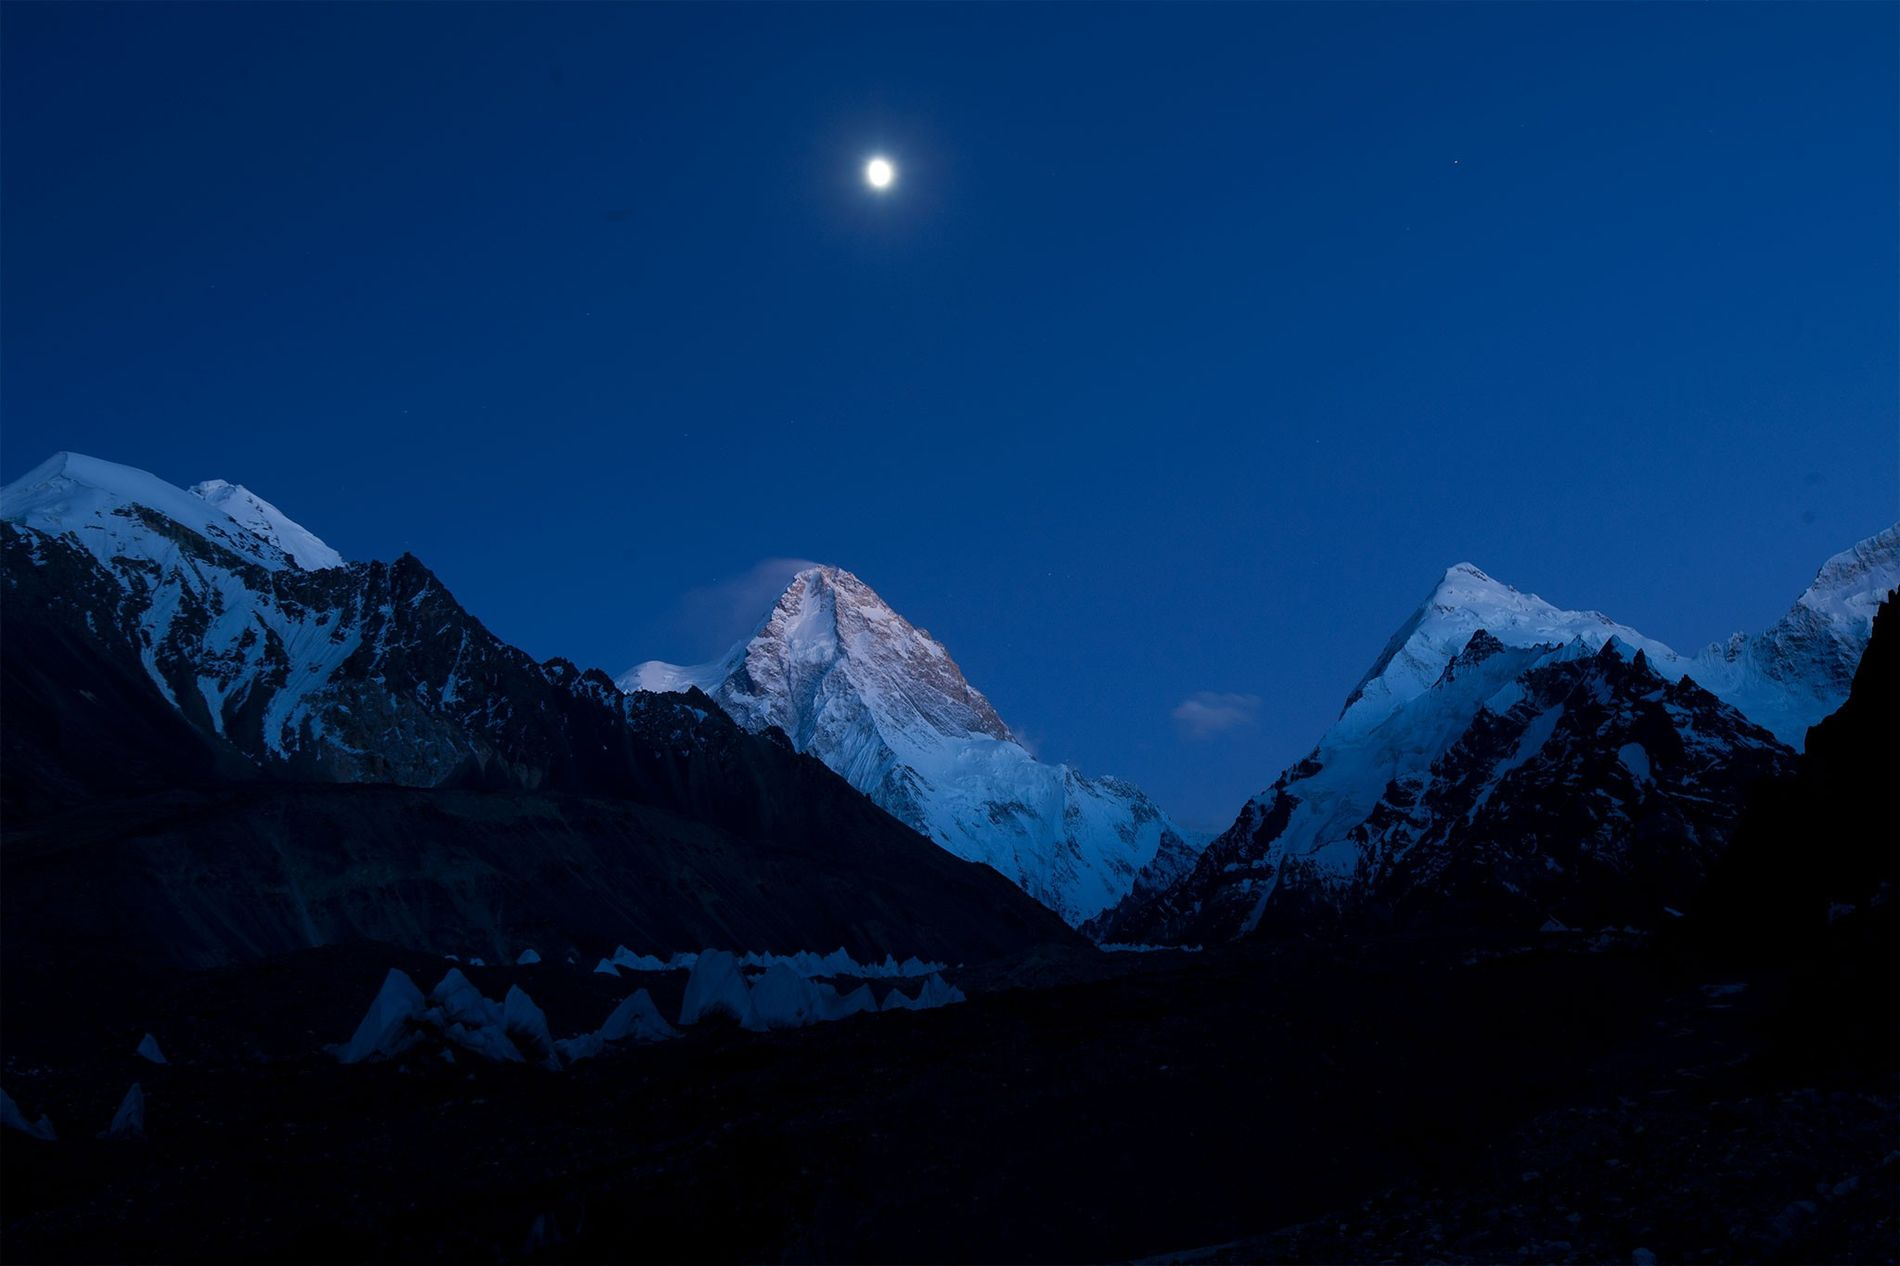 La pleine lune illumine le sommet K2.